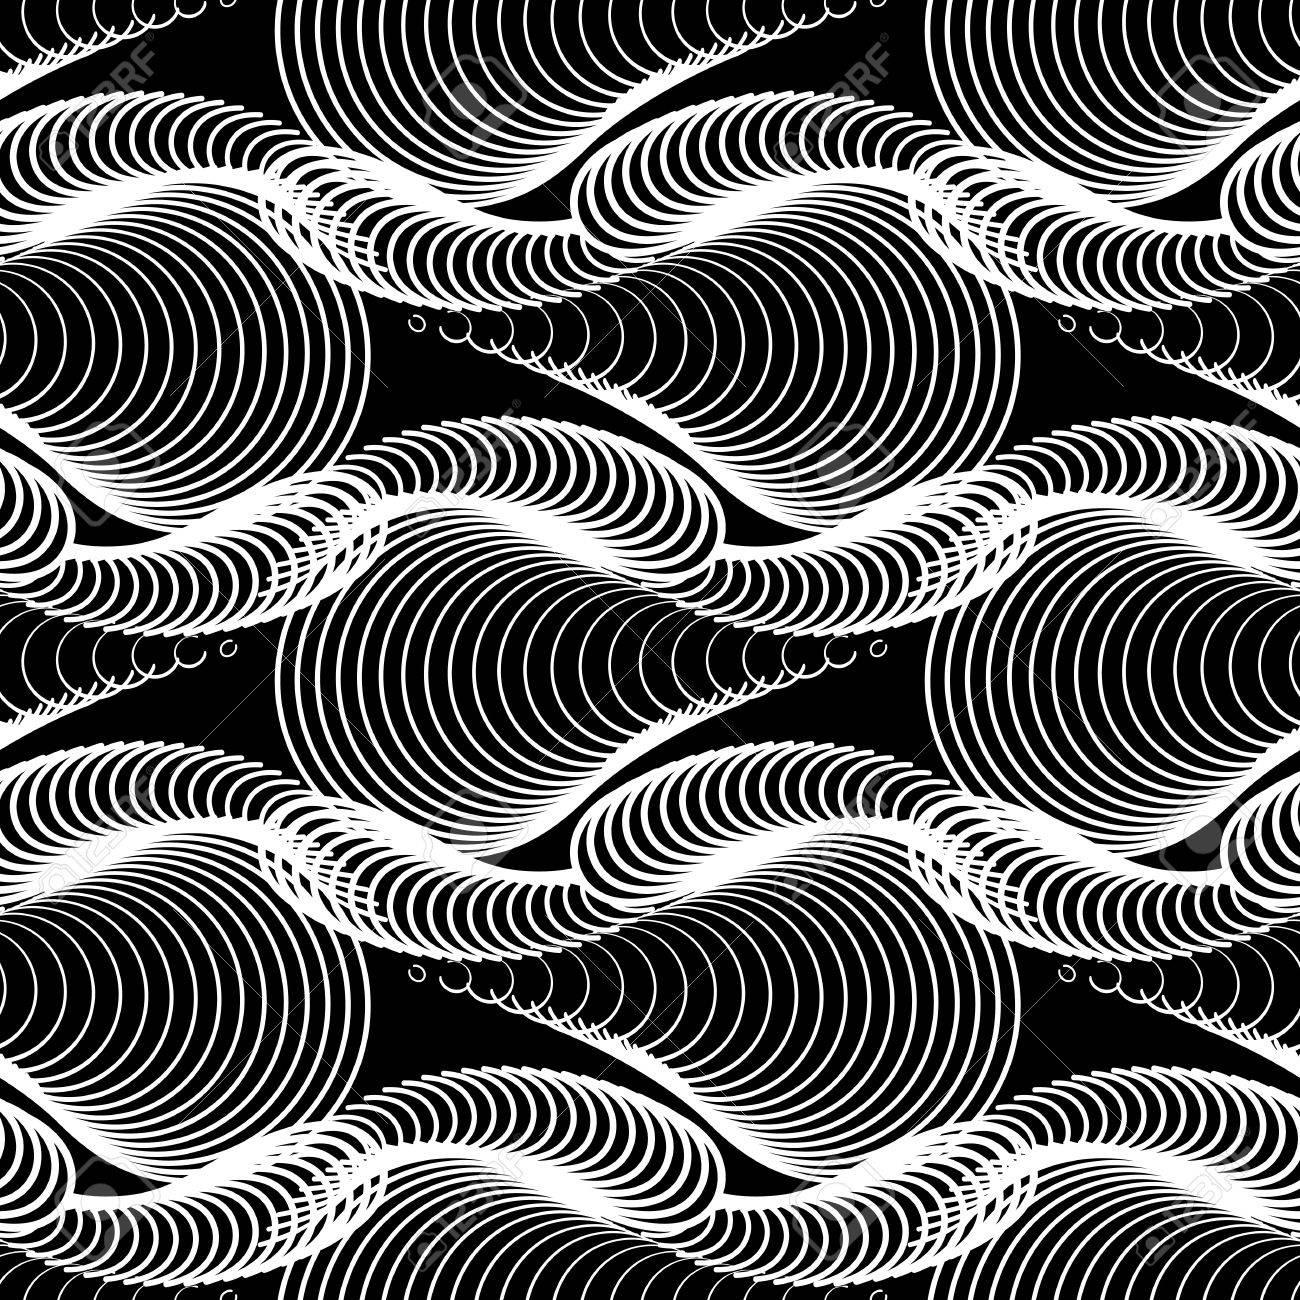 Motif Noir Et Blanc Abstrait Fond De Guilloche Sans Couture Pour Diplome Et Certificat Clip Art Vecteur